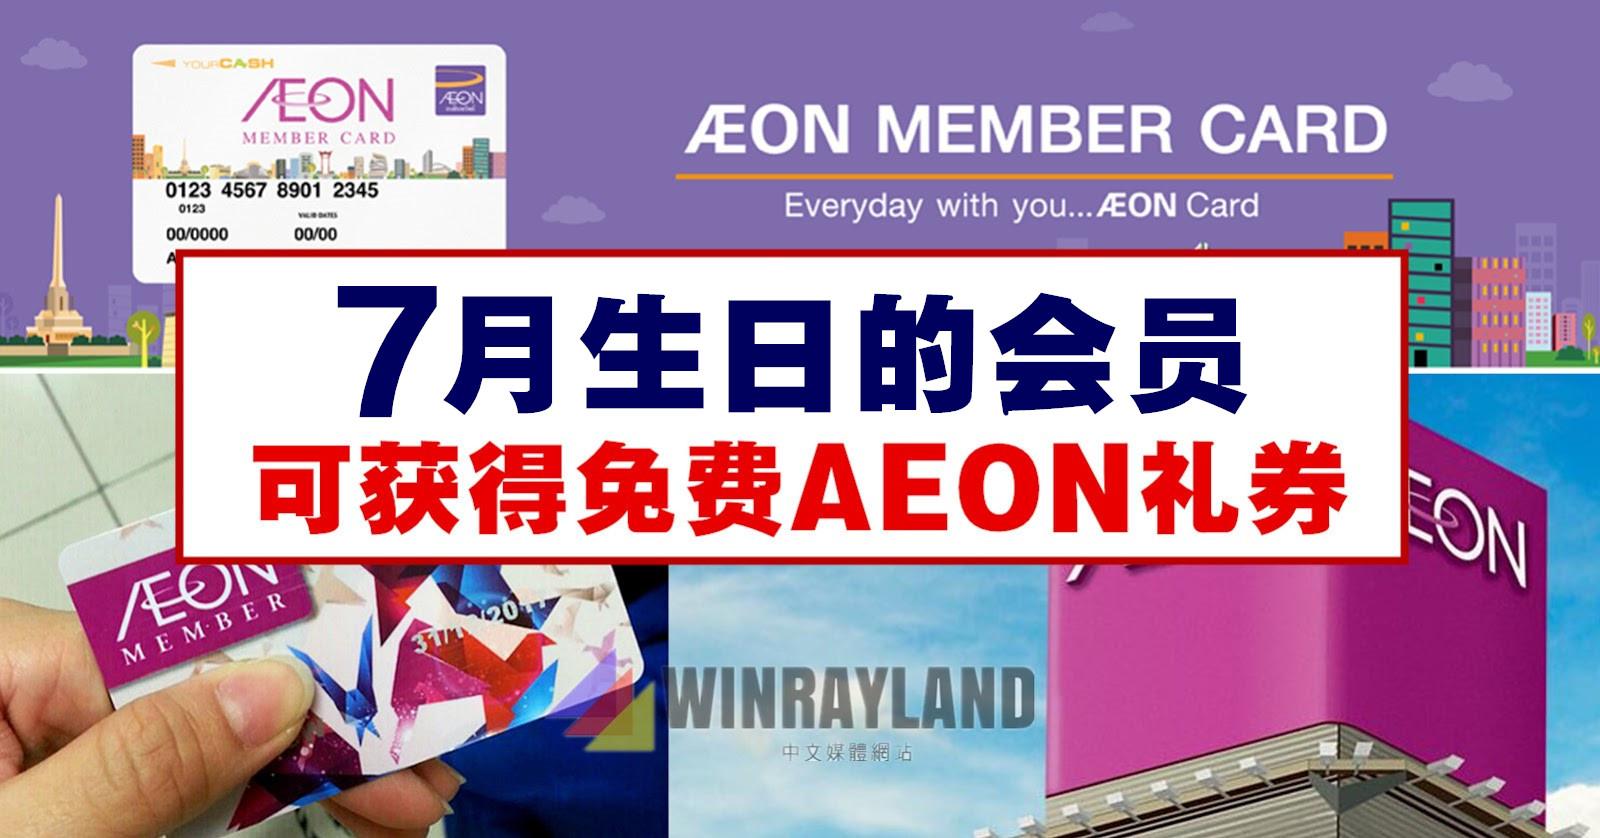 AEON会员可在生日的月份获得免费Voucher